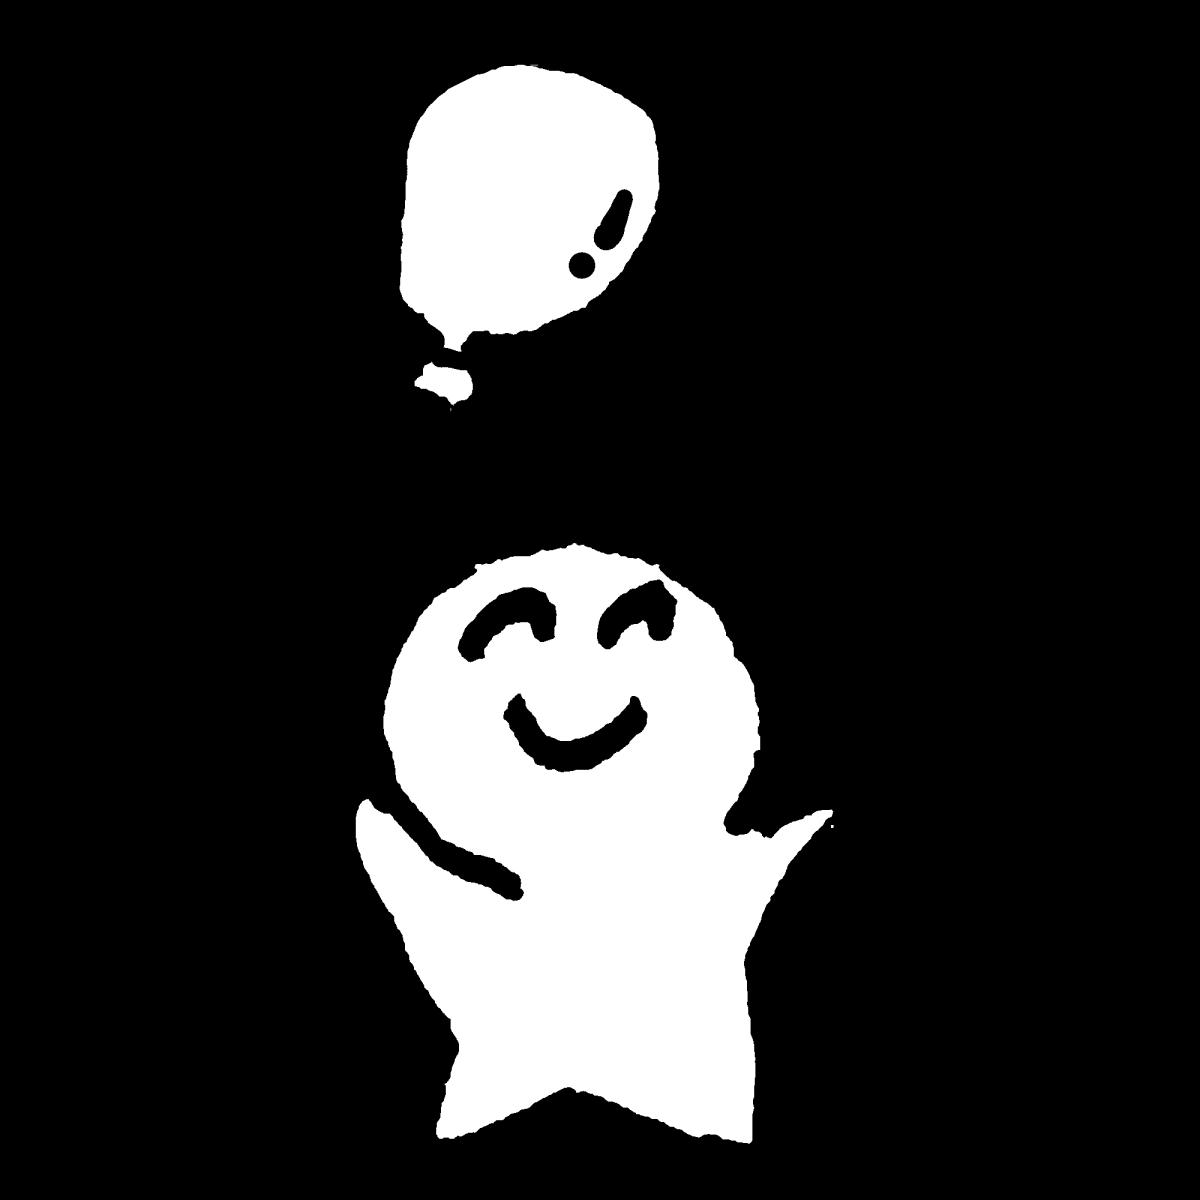 風船を持つ2のイラスト With Balloon2  Illustration